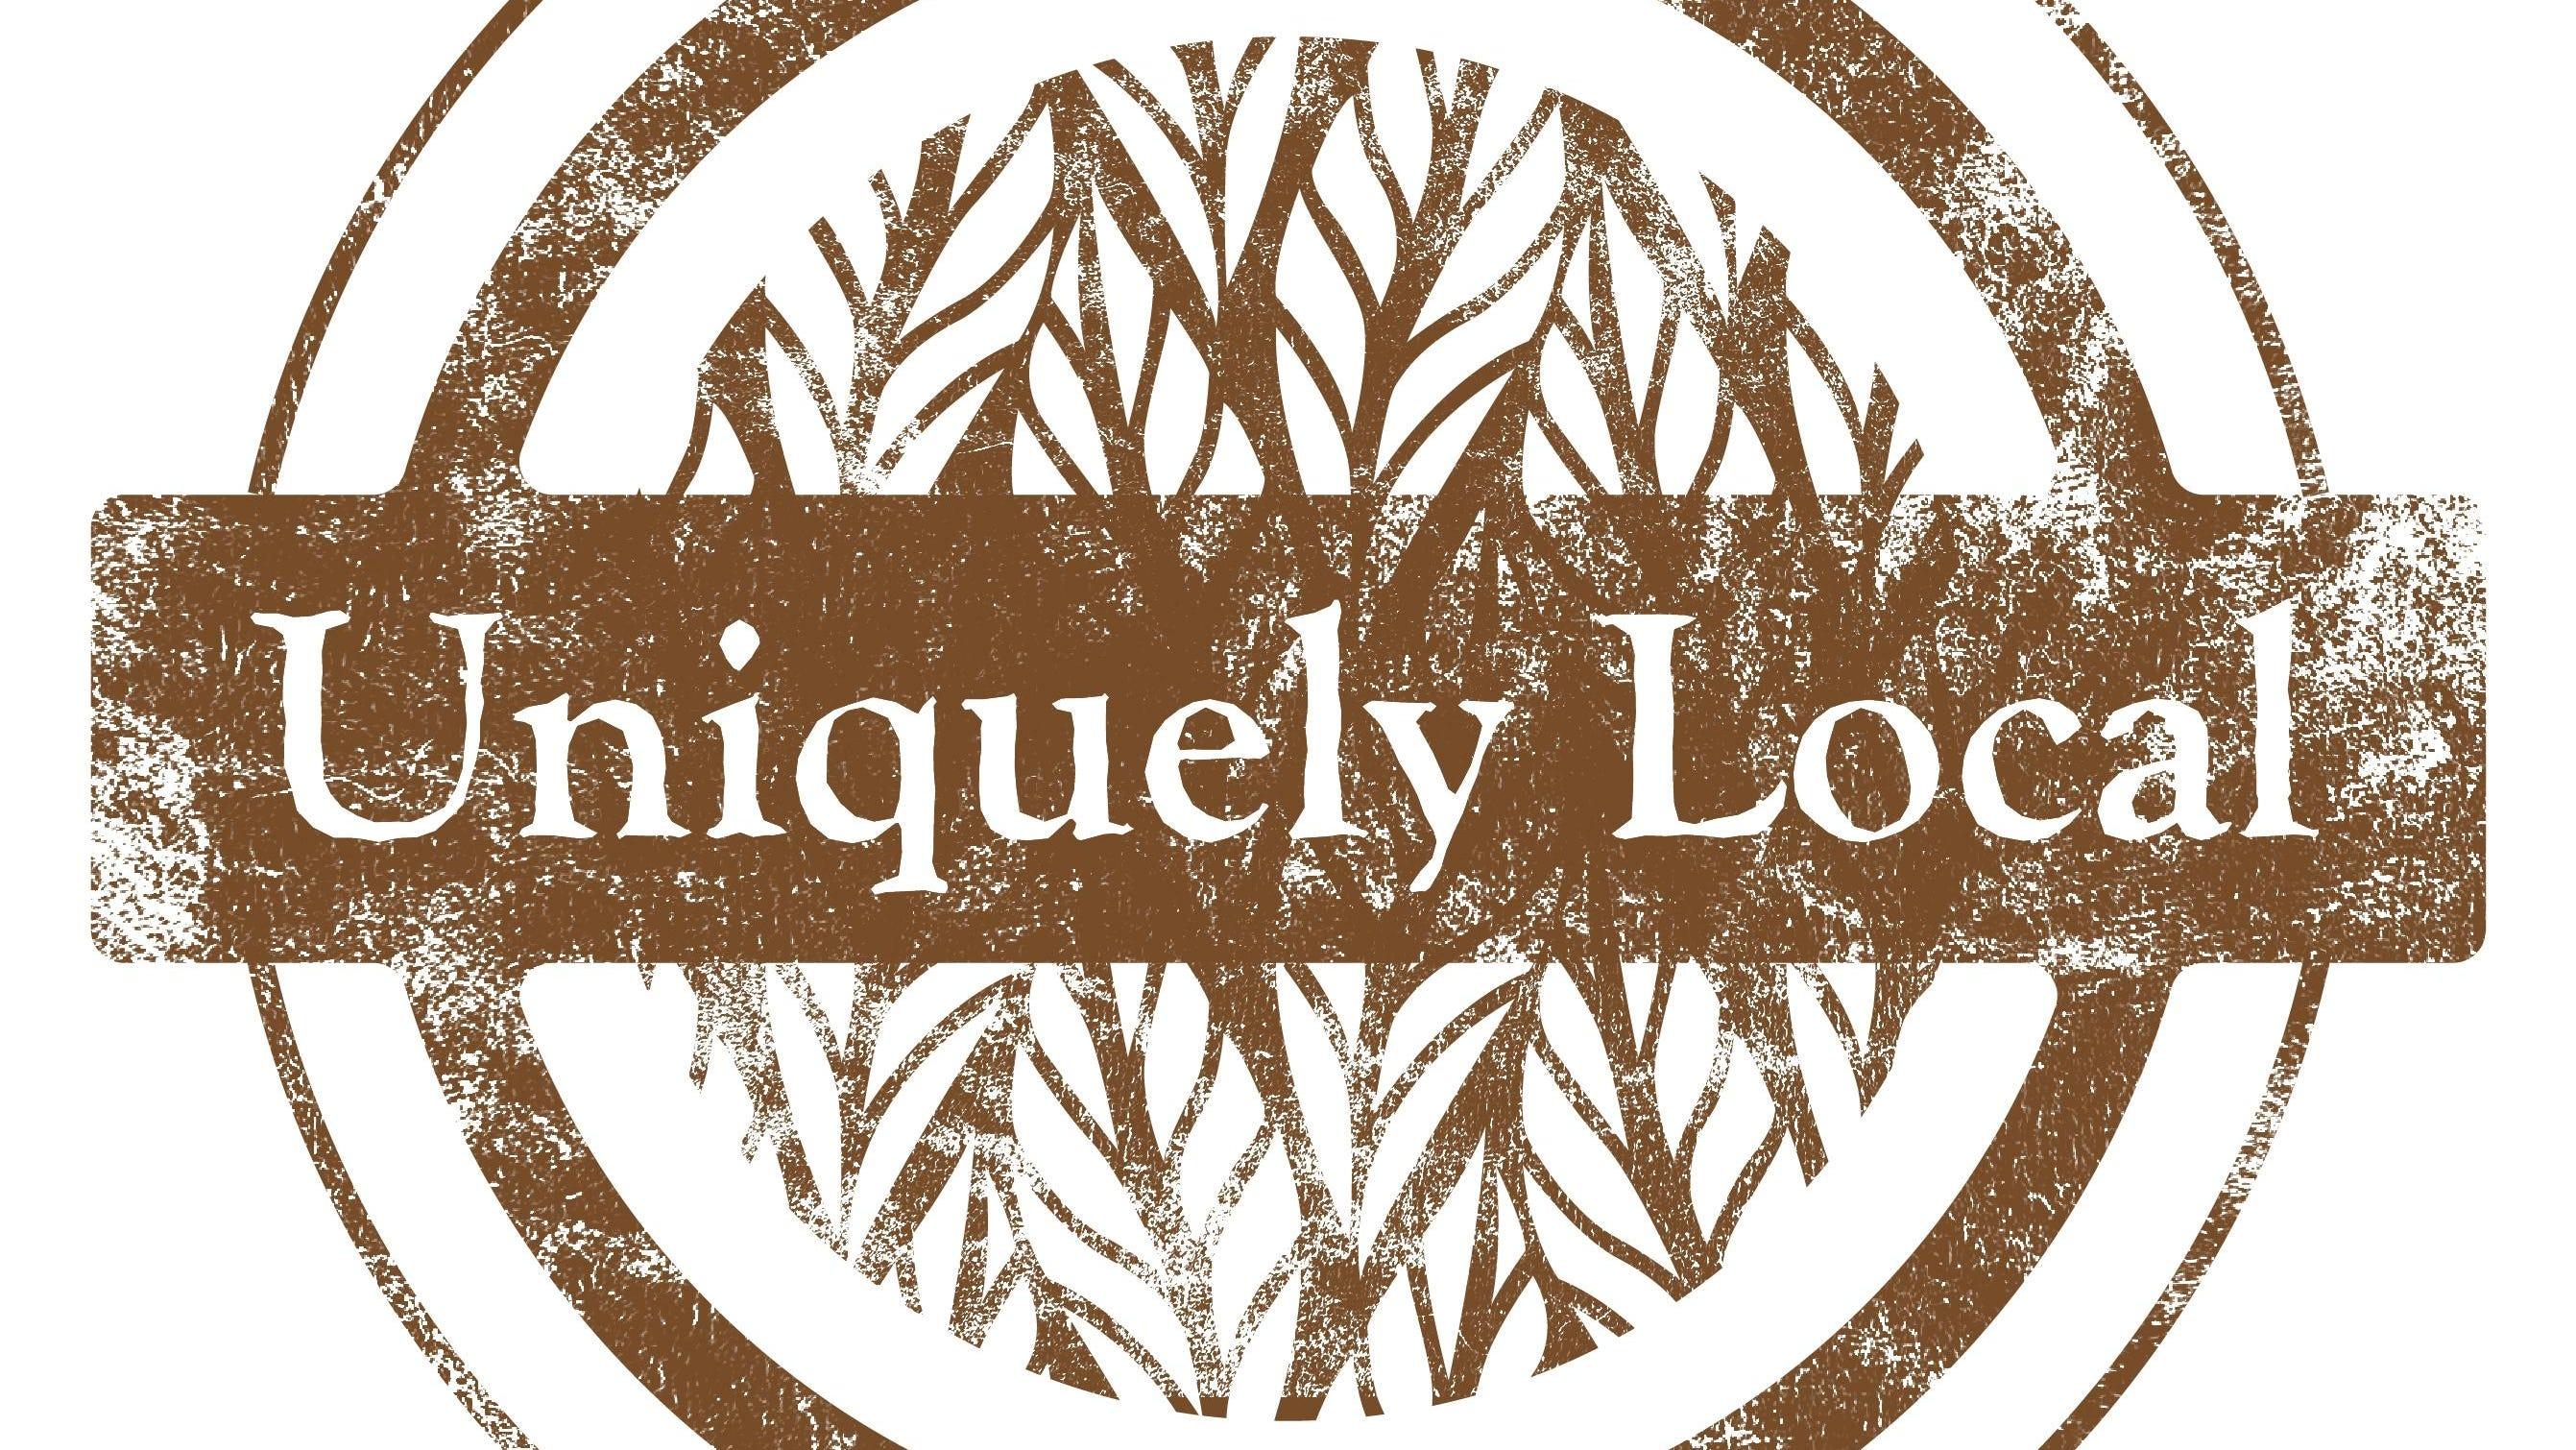 Uniquely Local è una serie di storie di Mary Whitefel che mettono in risalto agricoltori, fornai e produttori di South Shore.  Hai un'idea per una storia?  Contatta Mary all'indirizzo mwhitfill@patriotledger.com.